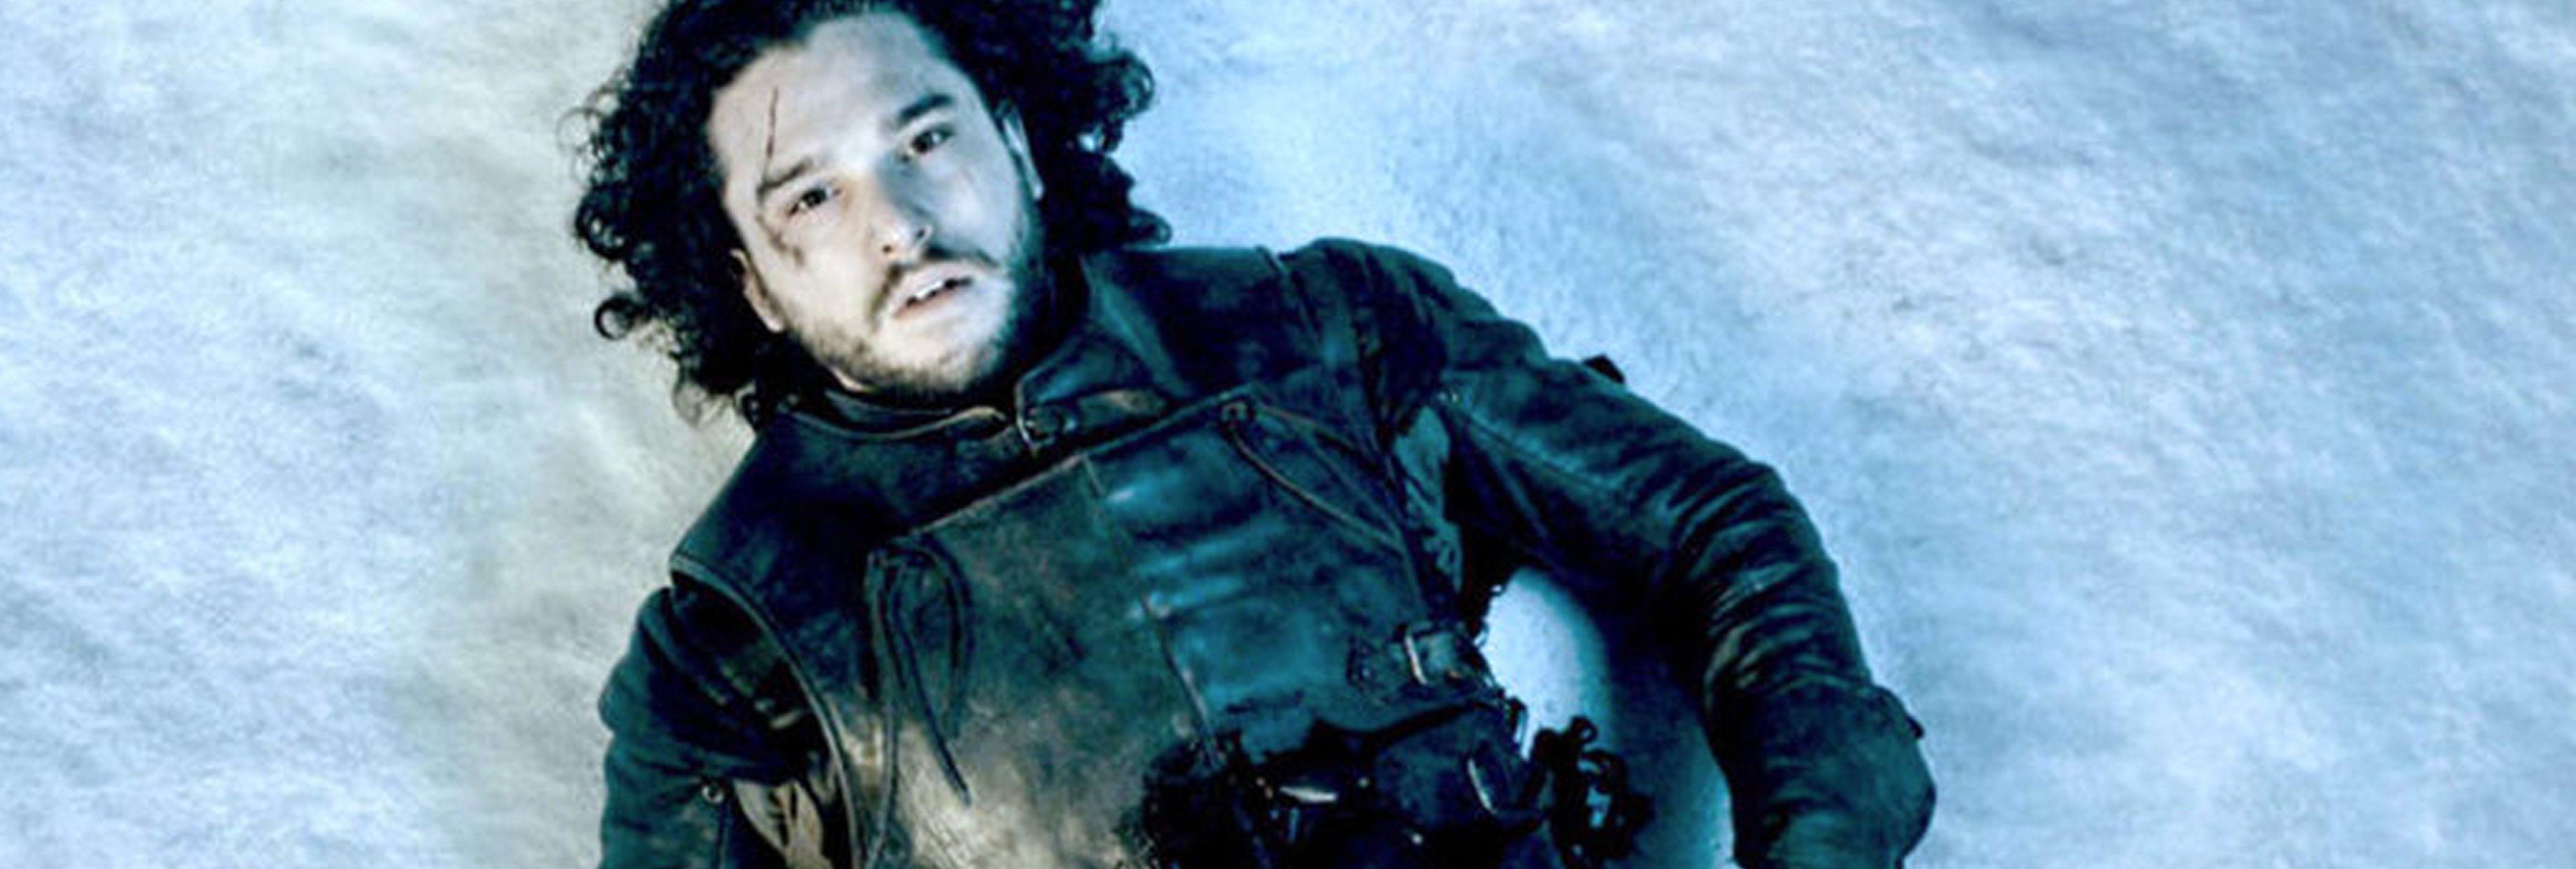 ¿Qué probabilidades de morir tiene cada personaje en el final de 'Juego de Tronos'?